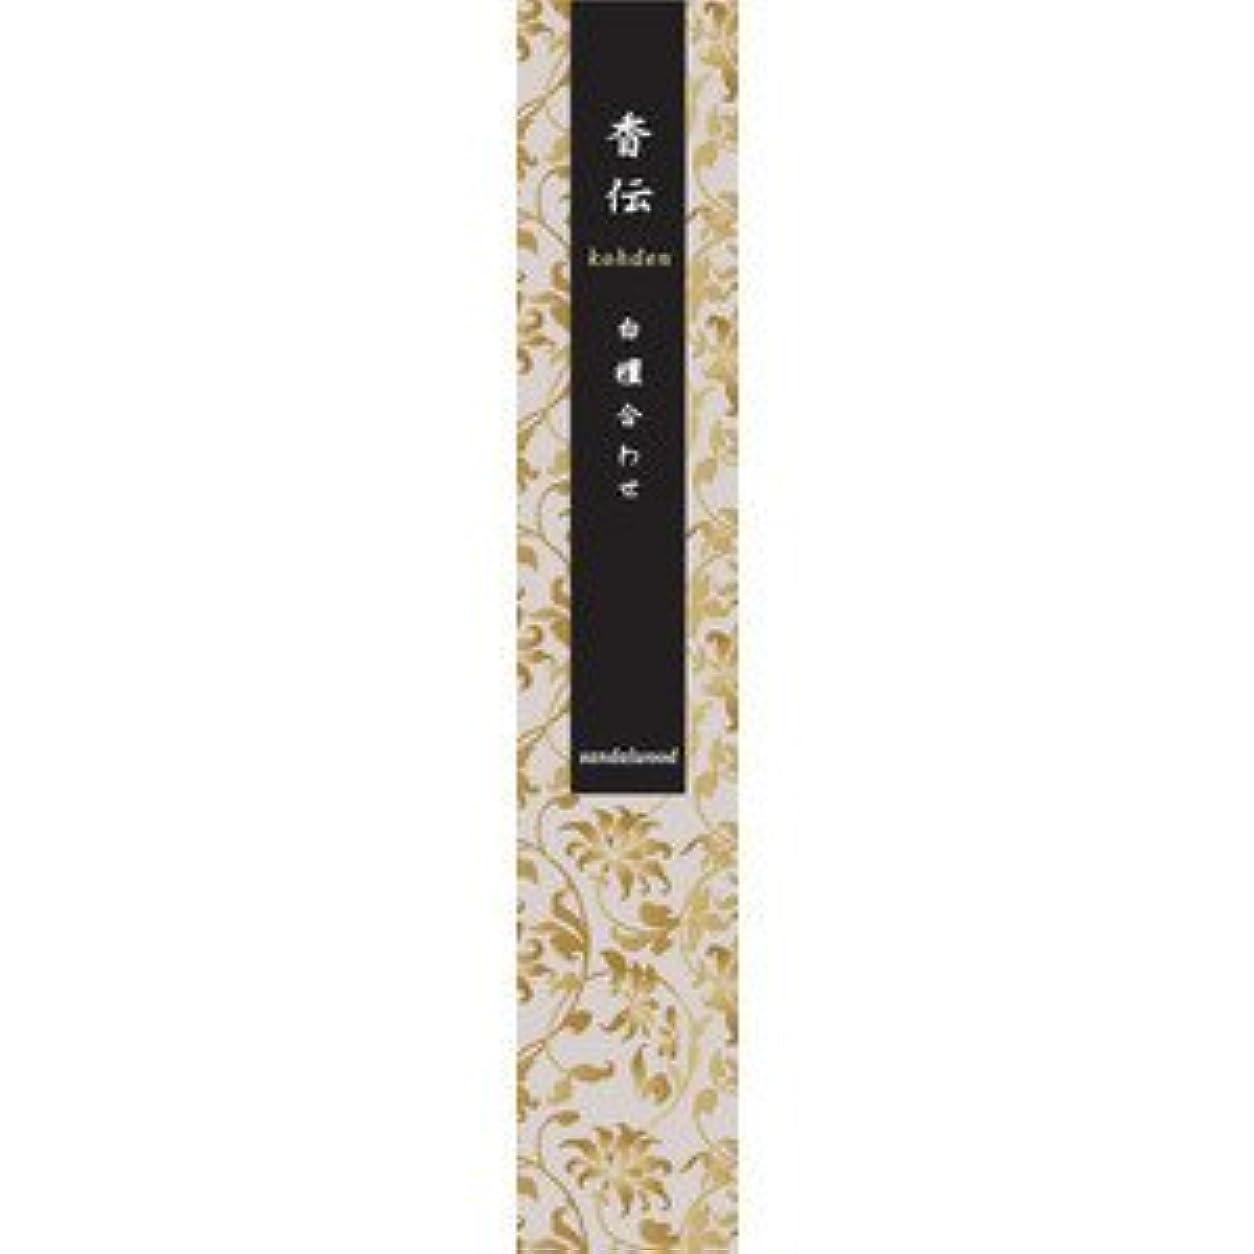 沿って所有者全く日本香堂 香伝 白檀合わせ